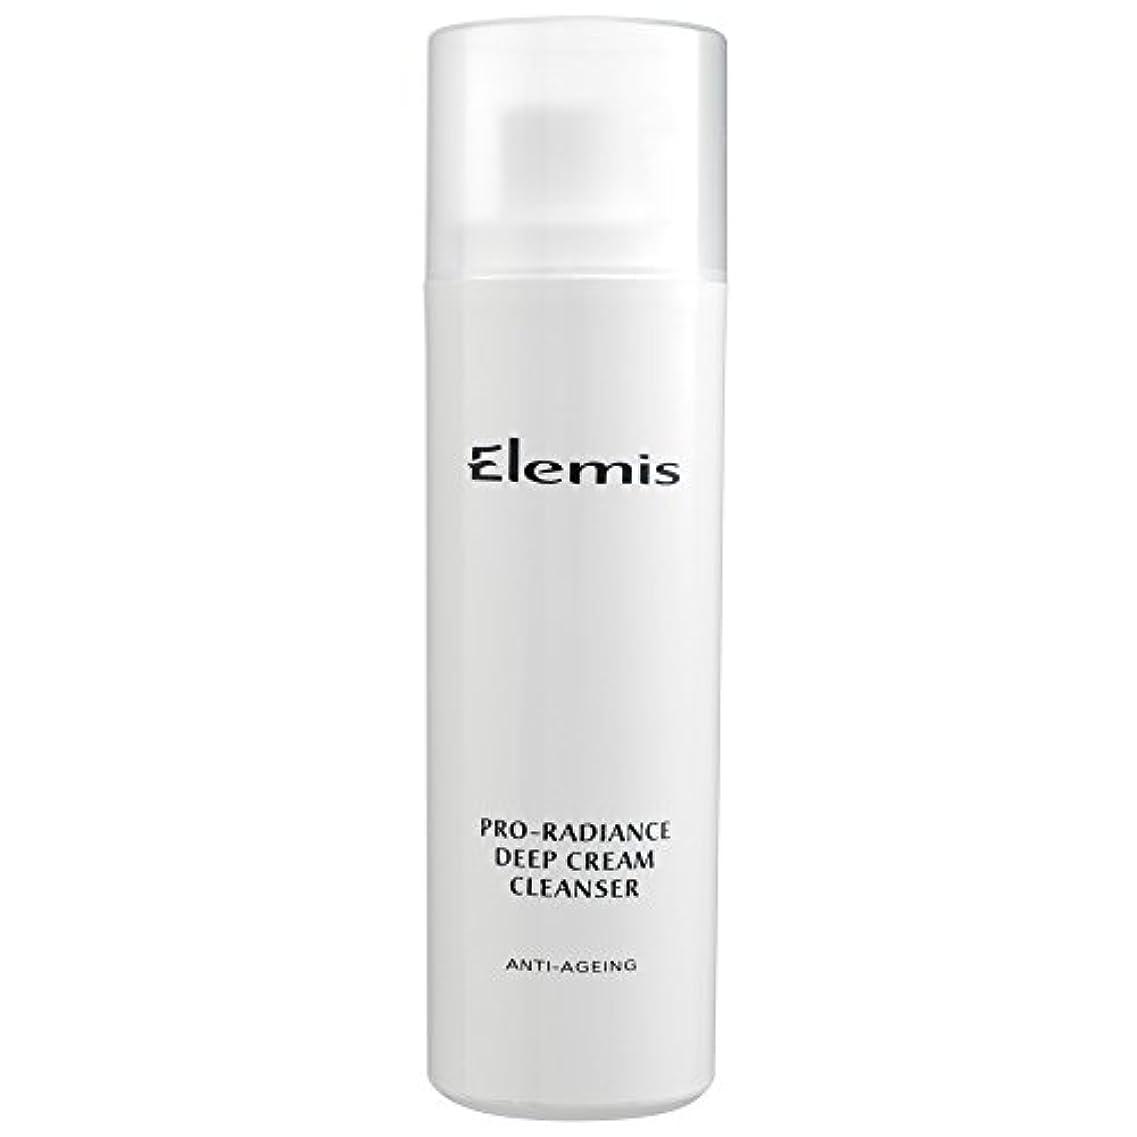 スケート直感悩みエレミスプロ輝きクリームクレンザー、150ミリリットル (Elemis) - Elemis Pro-Radiance Cream Cleanser, 150ml [並行輸入品]